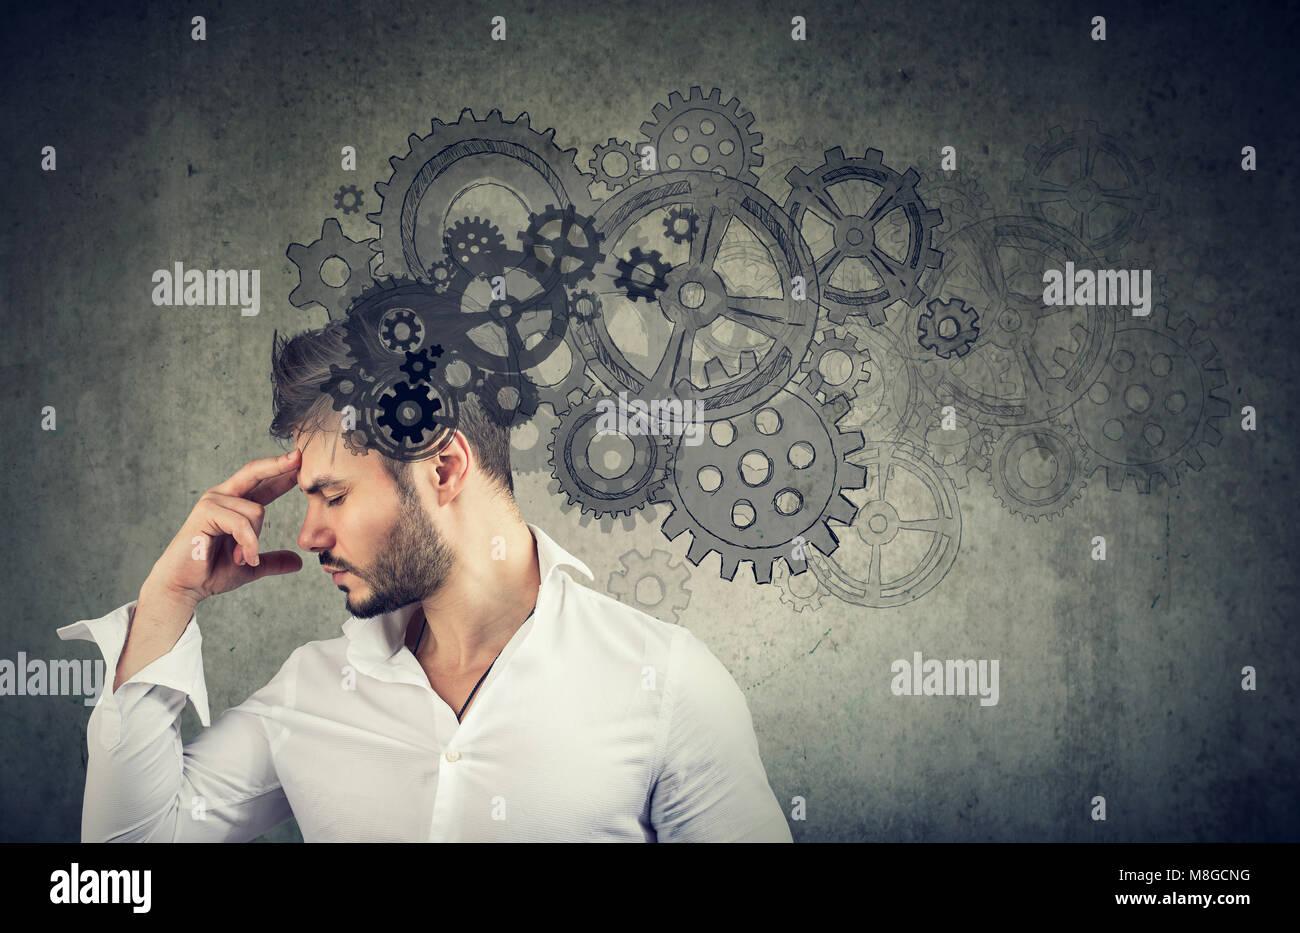 Joven serio pensar muy difícil resolver un problema. Imagen De Stock